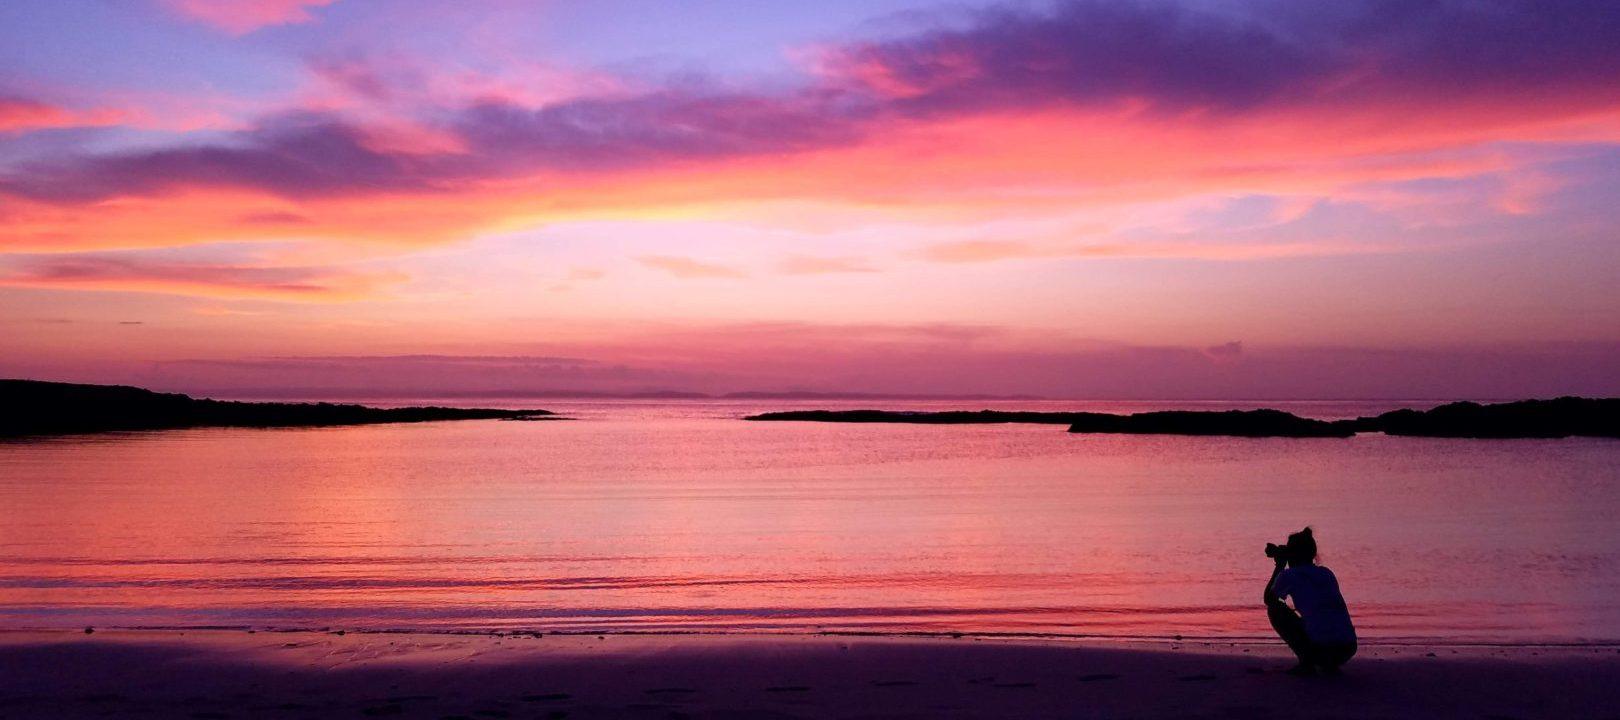 sugirabeach_sunset